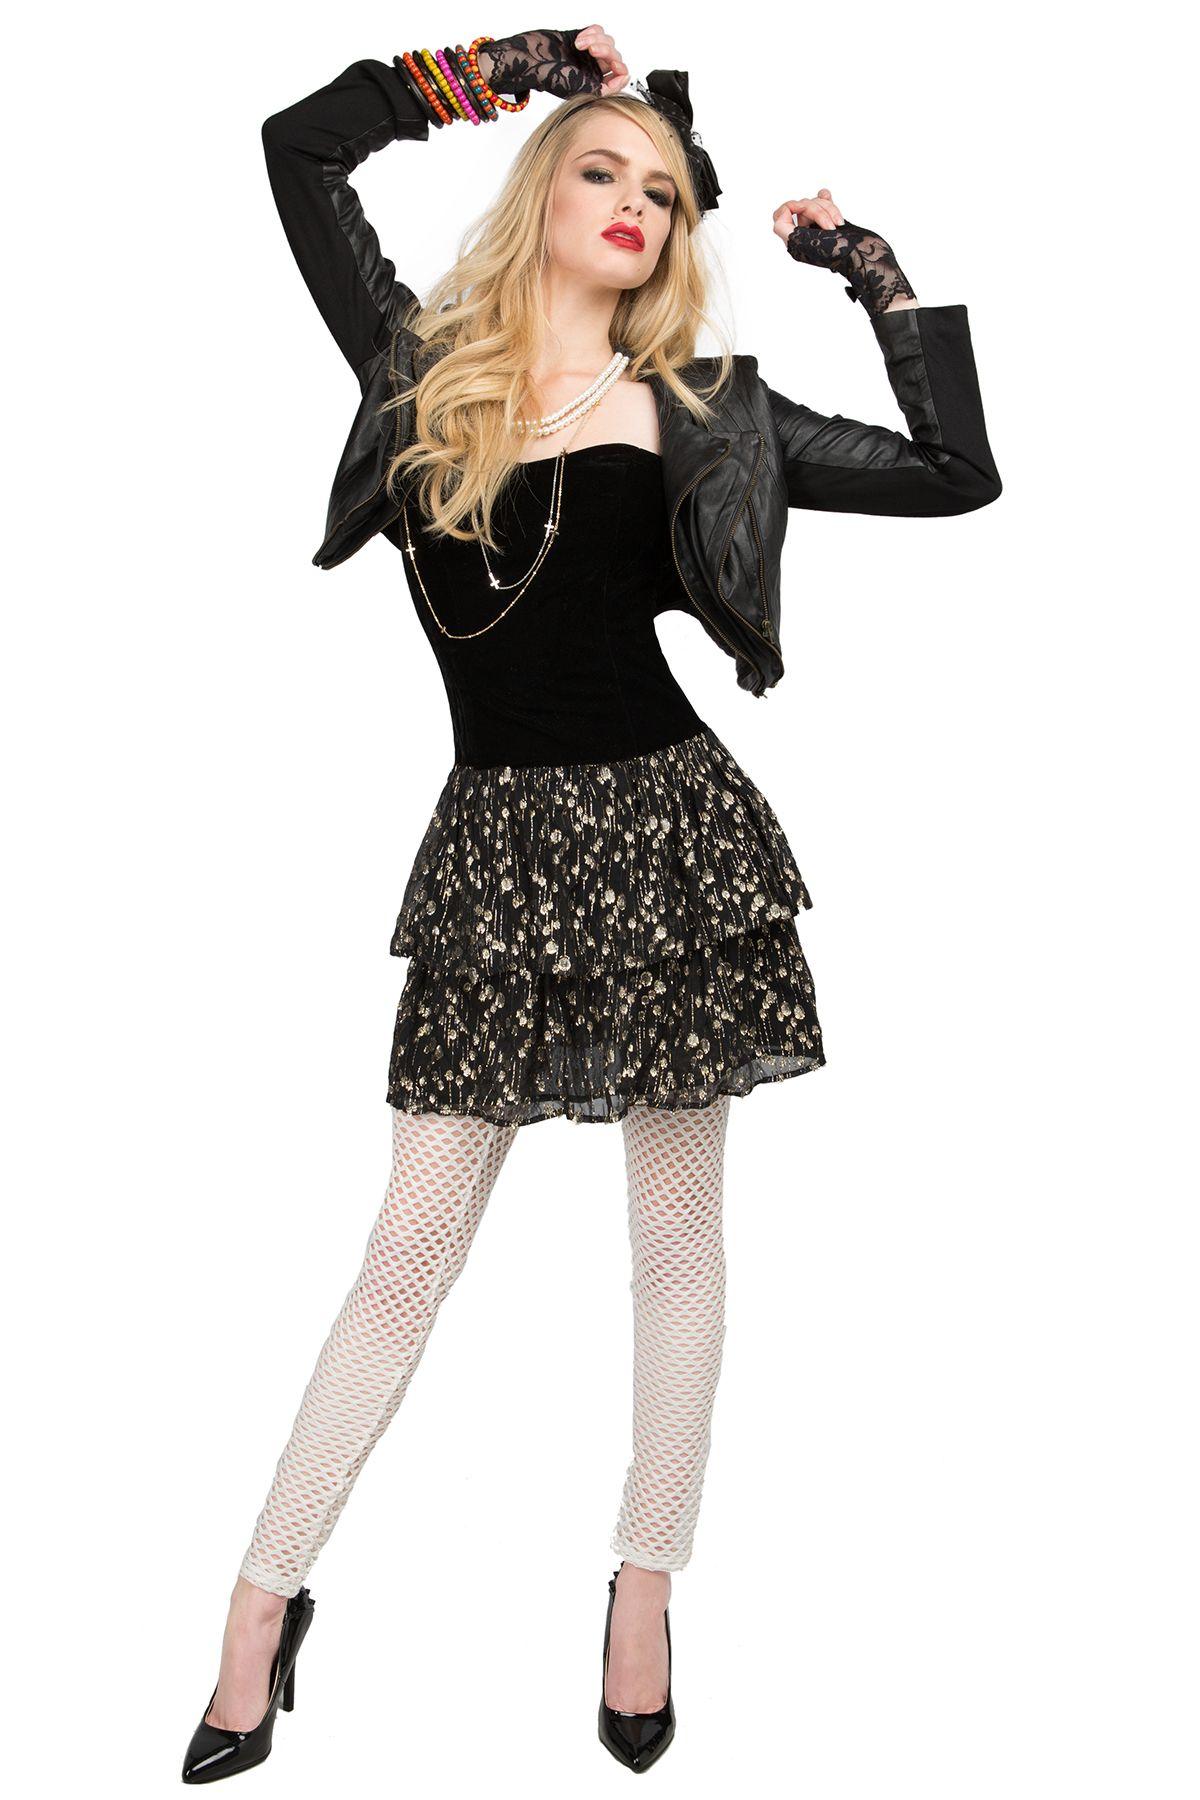 pinteresa tonini on costume ideas | pinterest | halloween